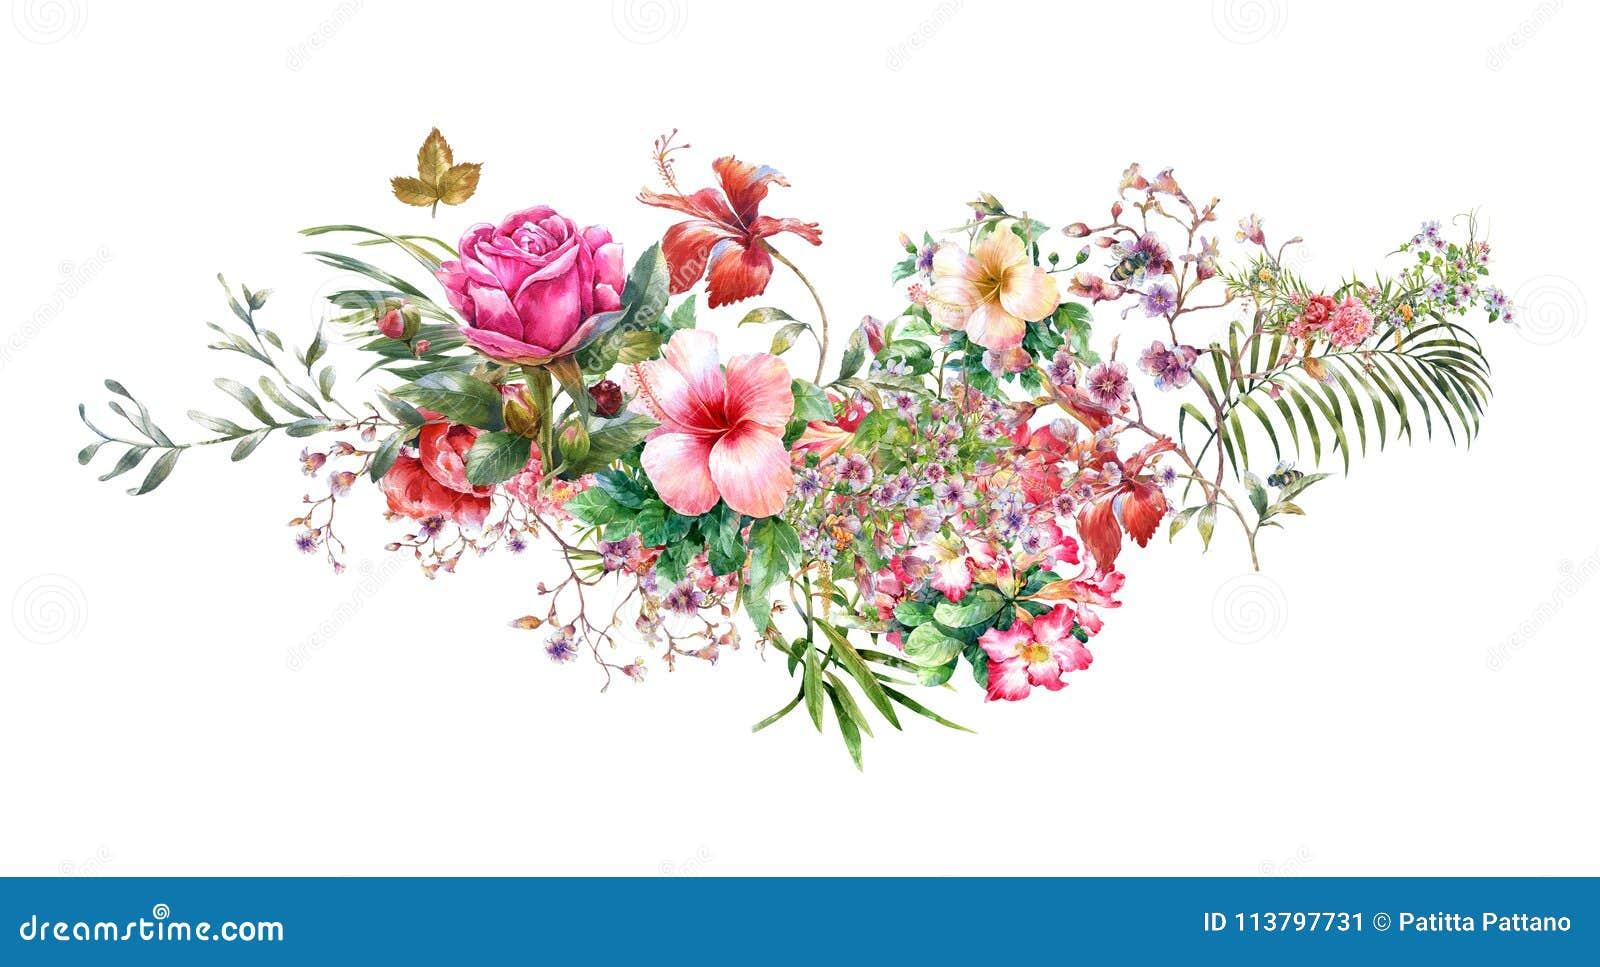 Ζωγραφική Watercolor των φύλλων και του λουλουδιού, στο λευκό